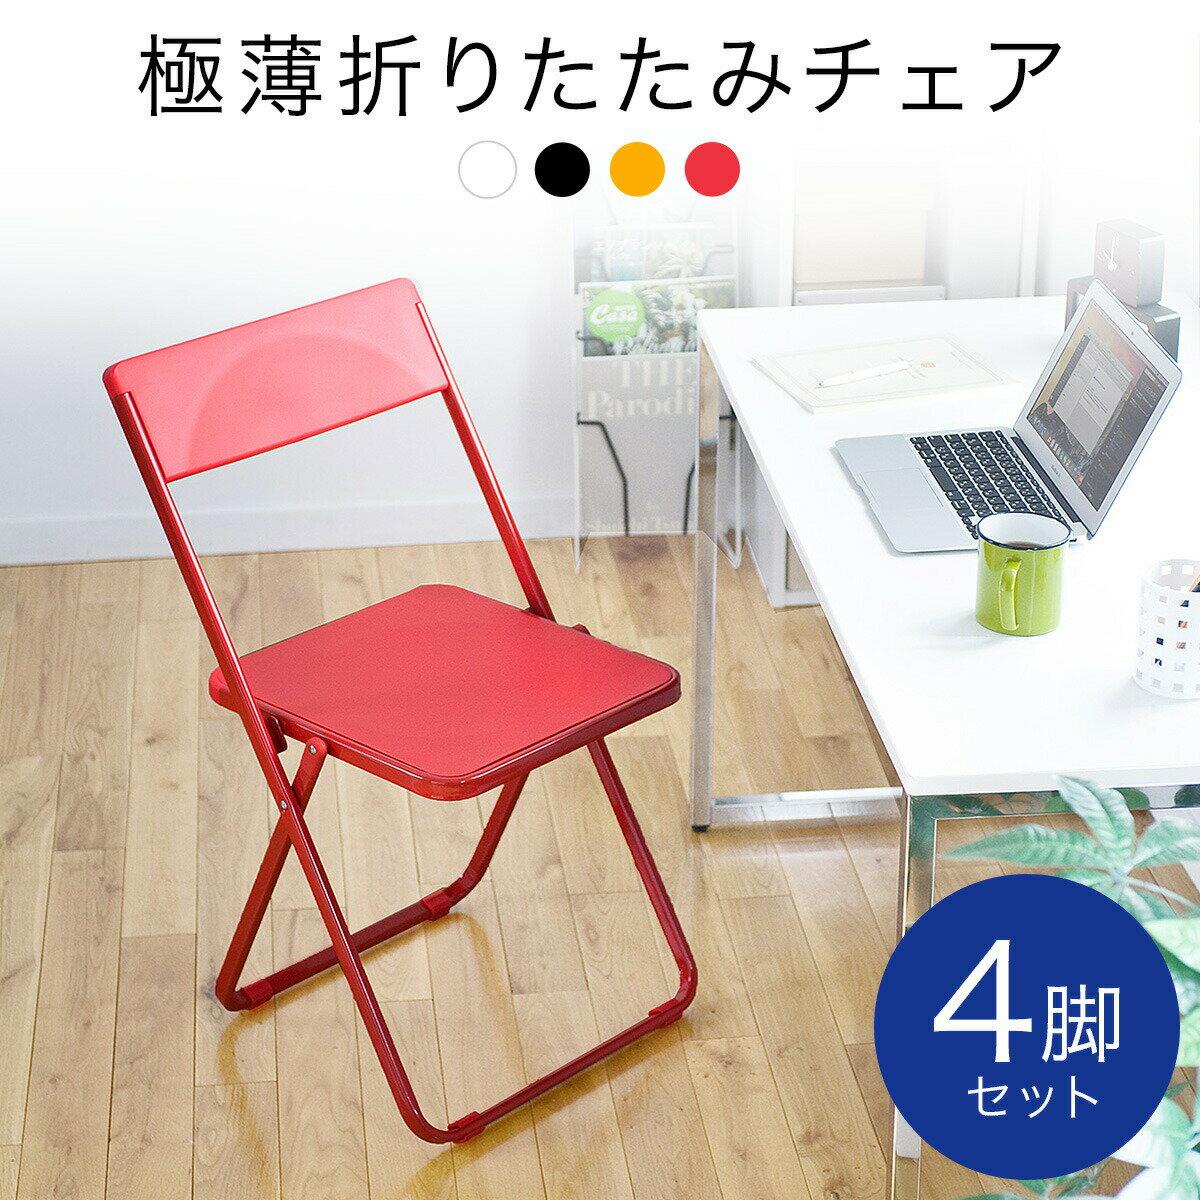 折りたたみ椅子 デザインチェア 4脚セット ダイニングチェア フォールディングチェア スタッキングチェア SLIM オフィスチェア 椅子 会議用イス スツール ミーティングチェア